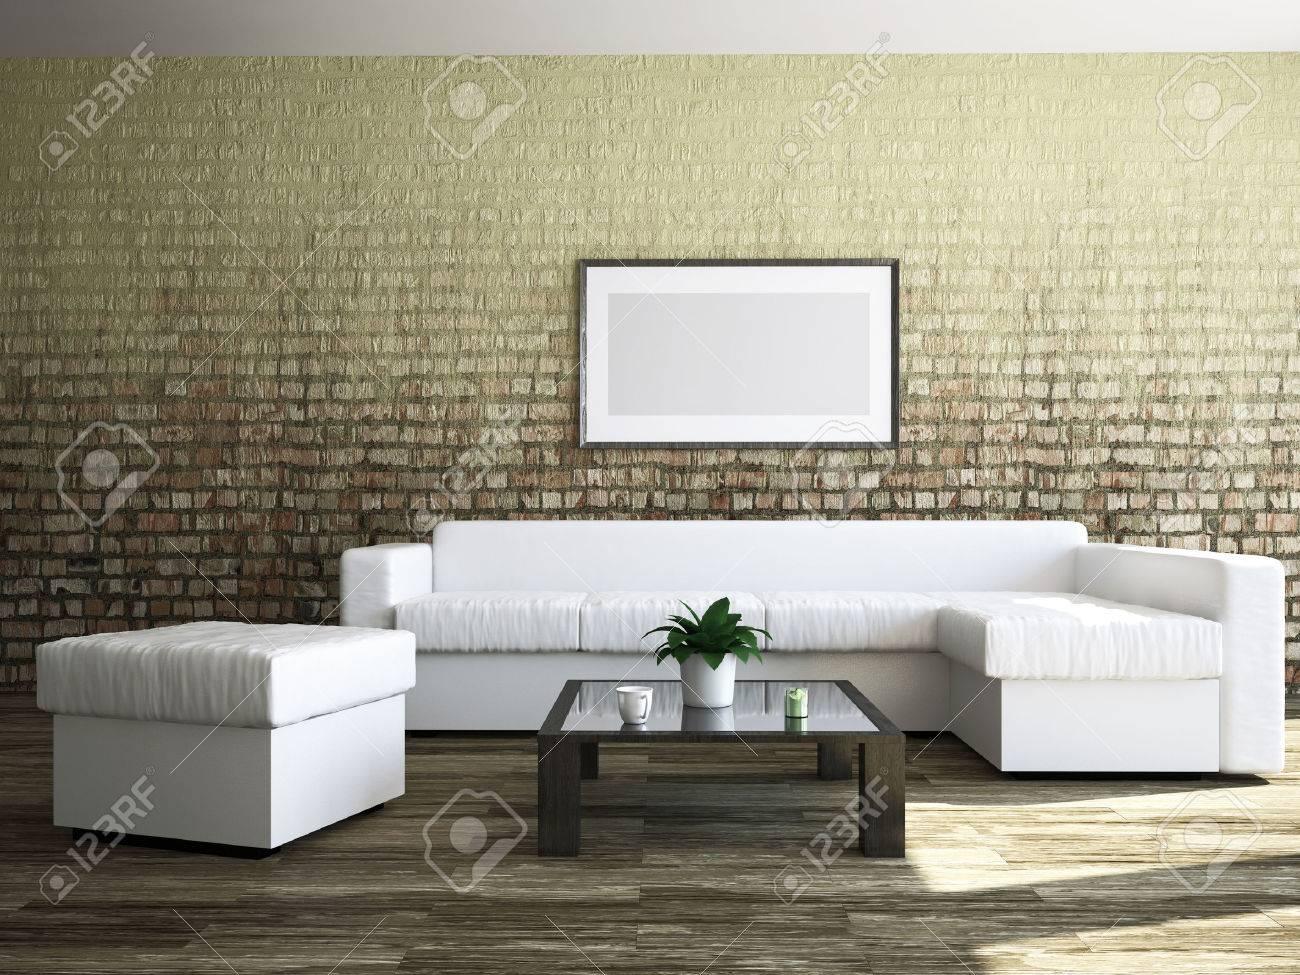 Gemälde Wohnzimmer, wohnzimmer mit möbeln und einem gemälde lizenzfreie fotos, bilder, Design ideen